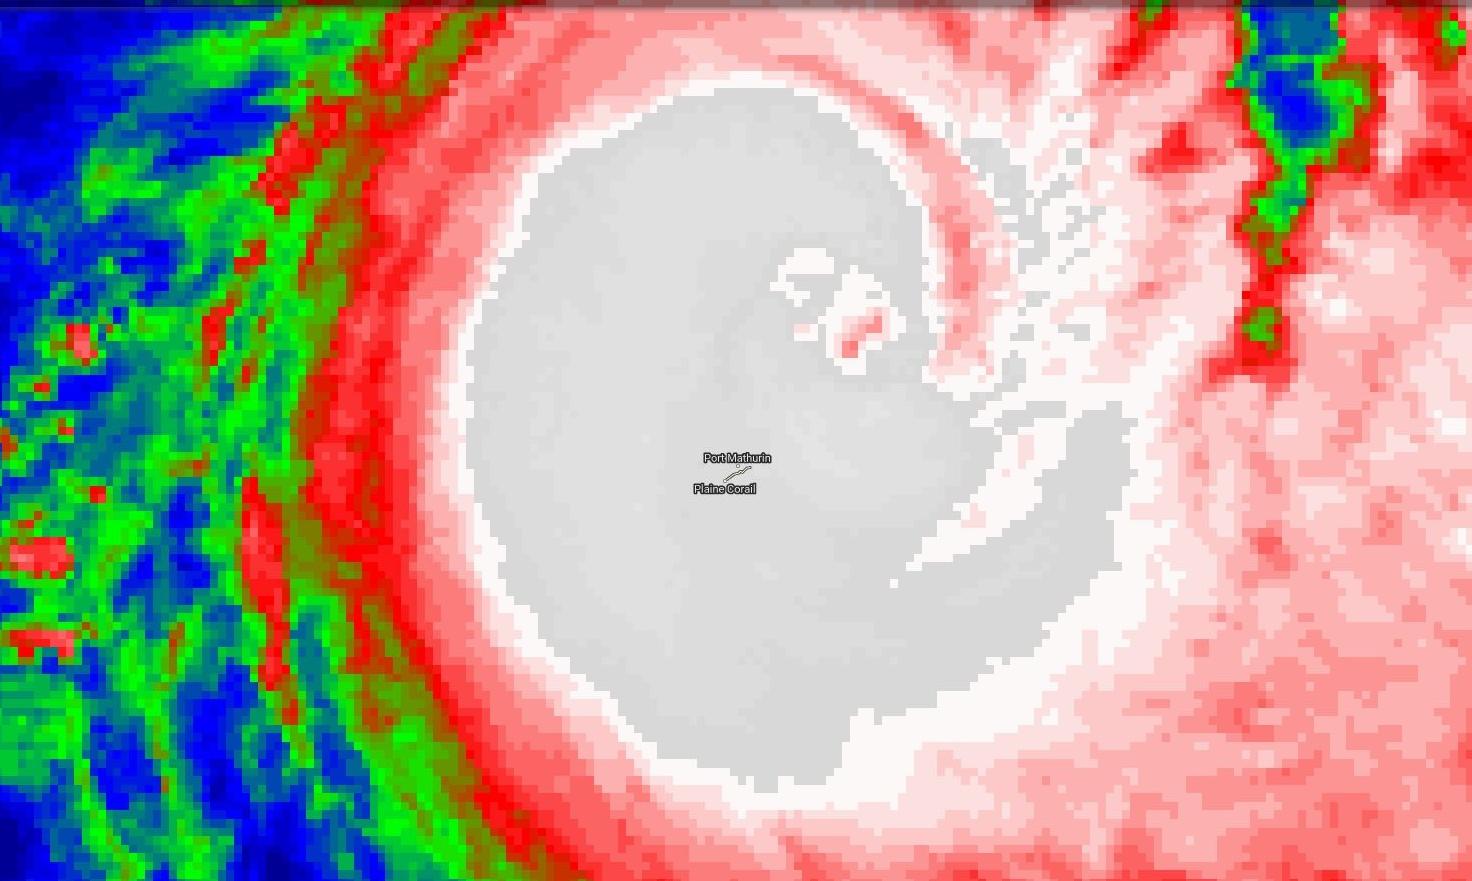 Rodrigues dans son malheur pourrait malgré tout éviter le pire de justesse, JOANINHA à 90km de l'île à 5heures ce matin